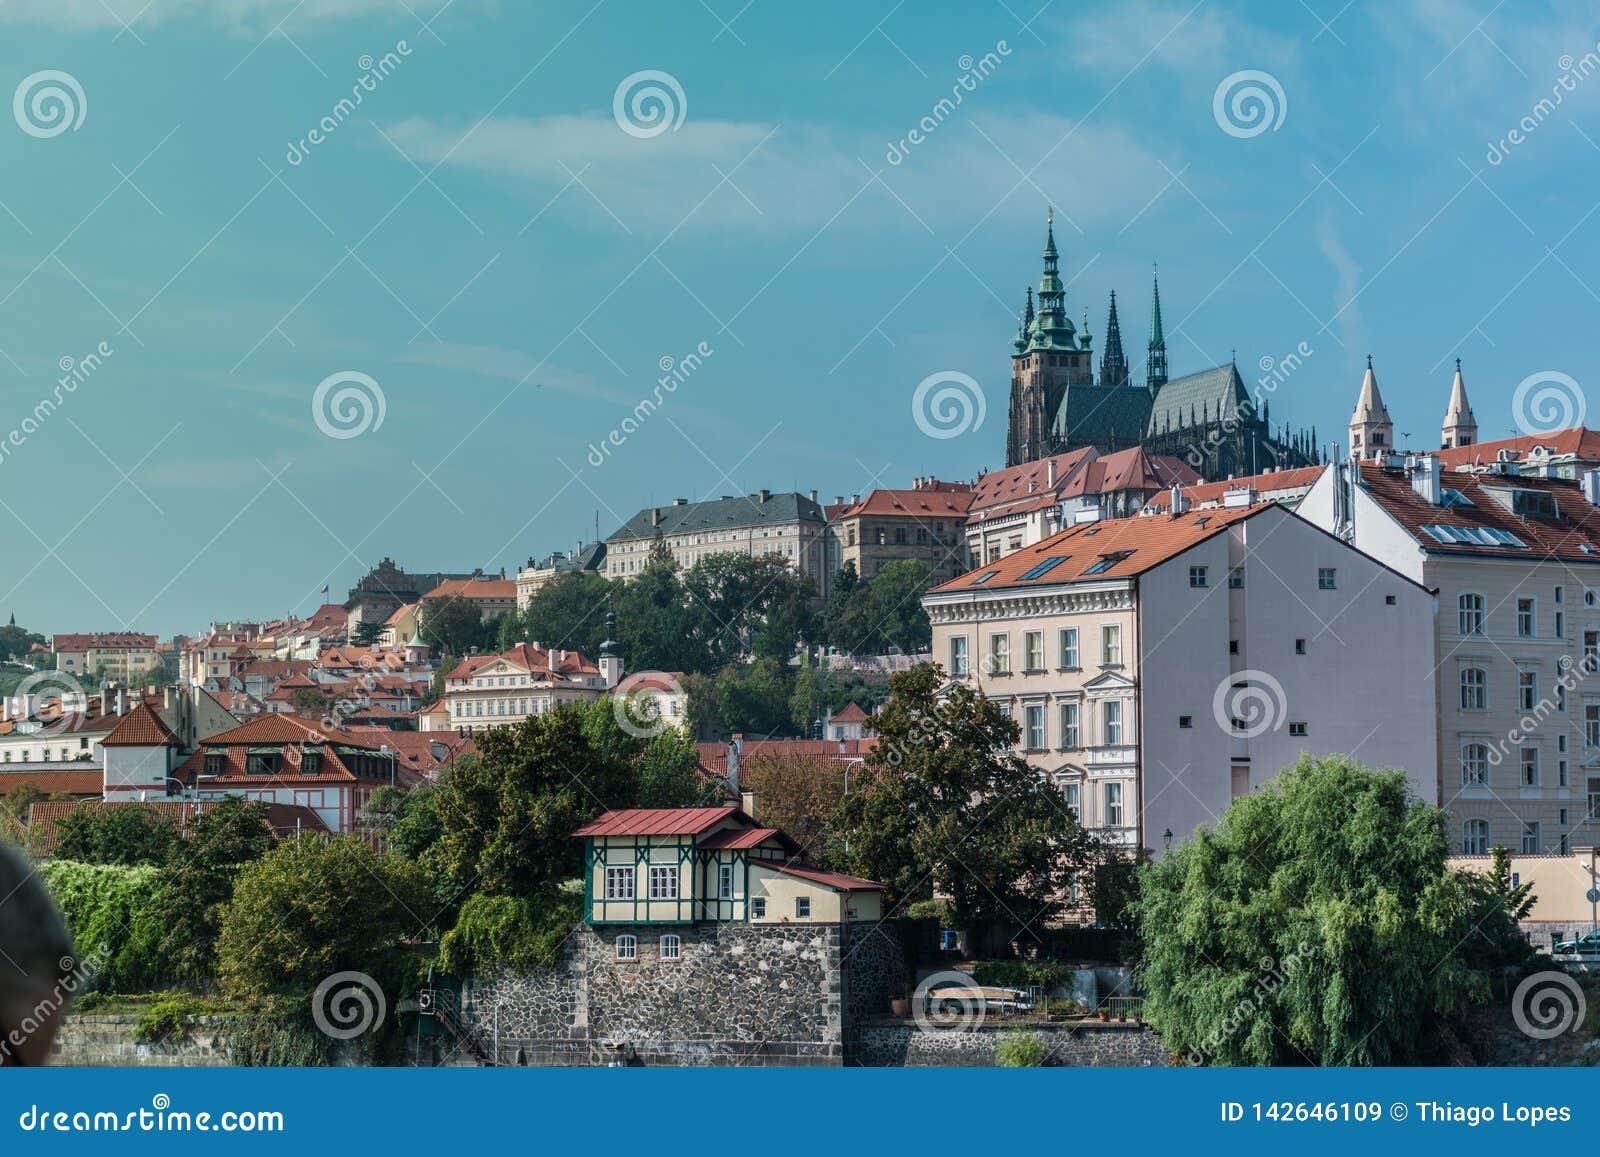 Vista de la ciudad vieja de Praga, con las torres de la catedral metropolitana de los santos Vitus, Wenceslaus y Adalbert